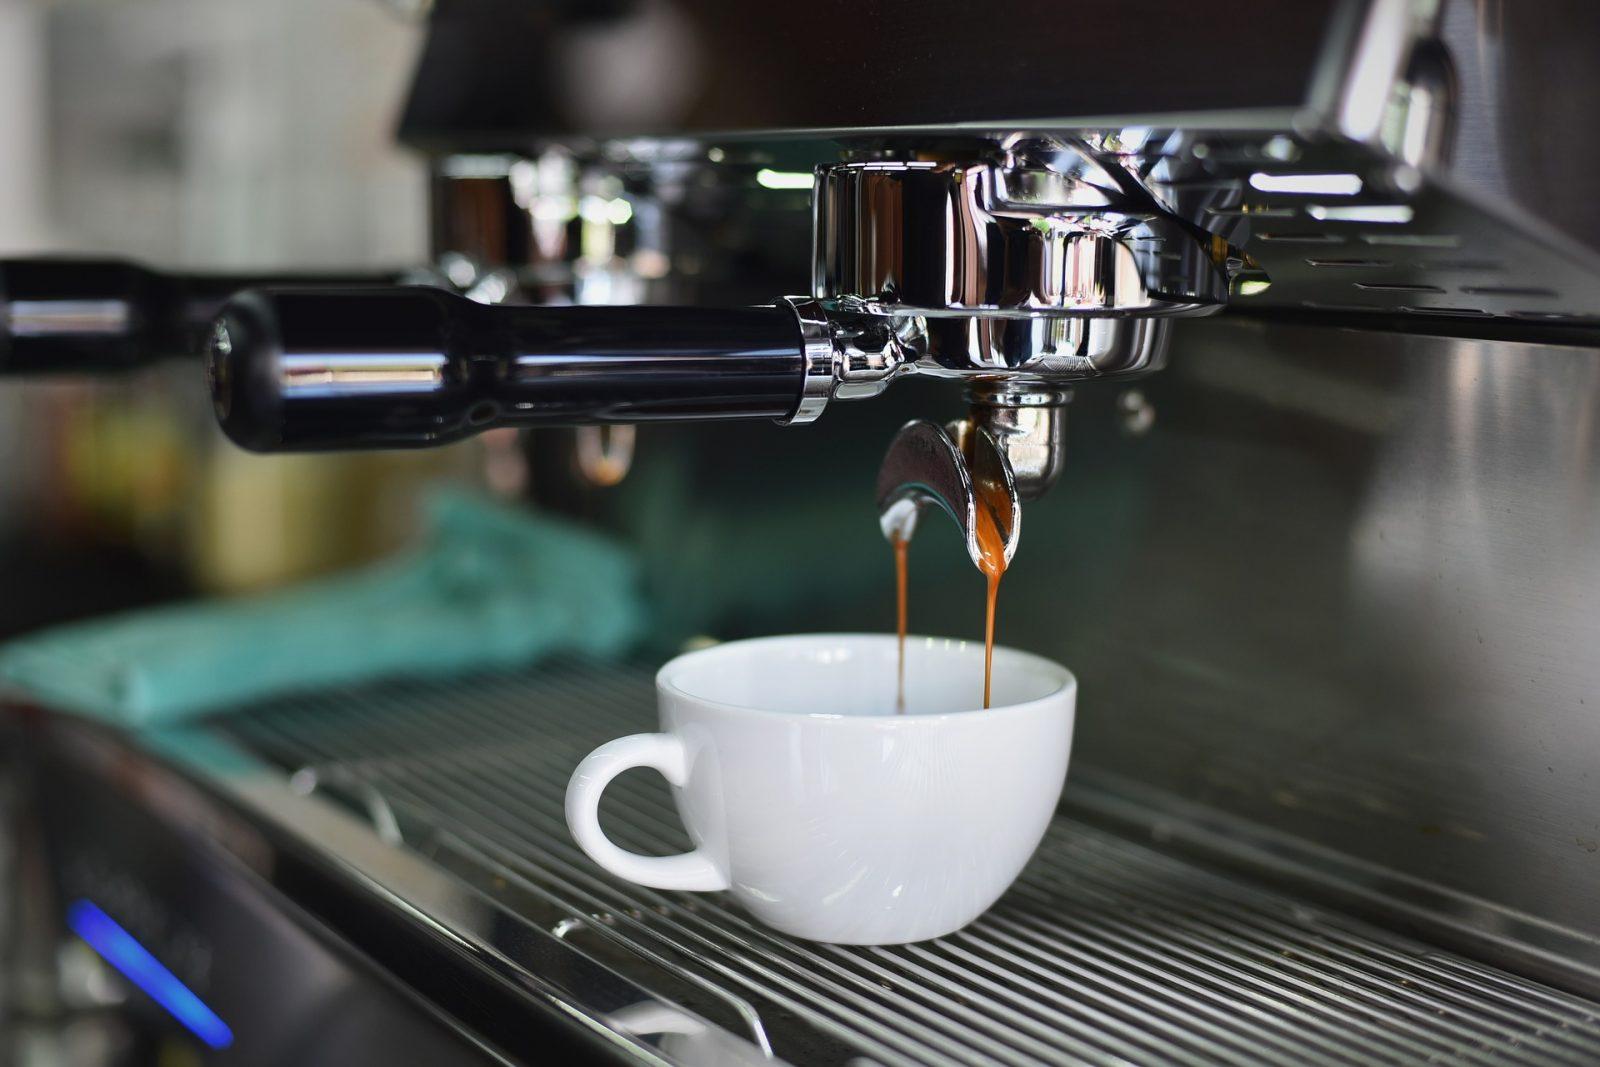 overzicht van de beste koffiezetapparaten uit de tests van 2020